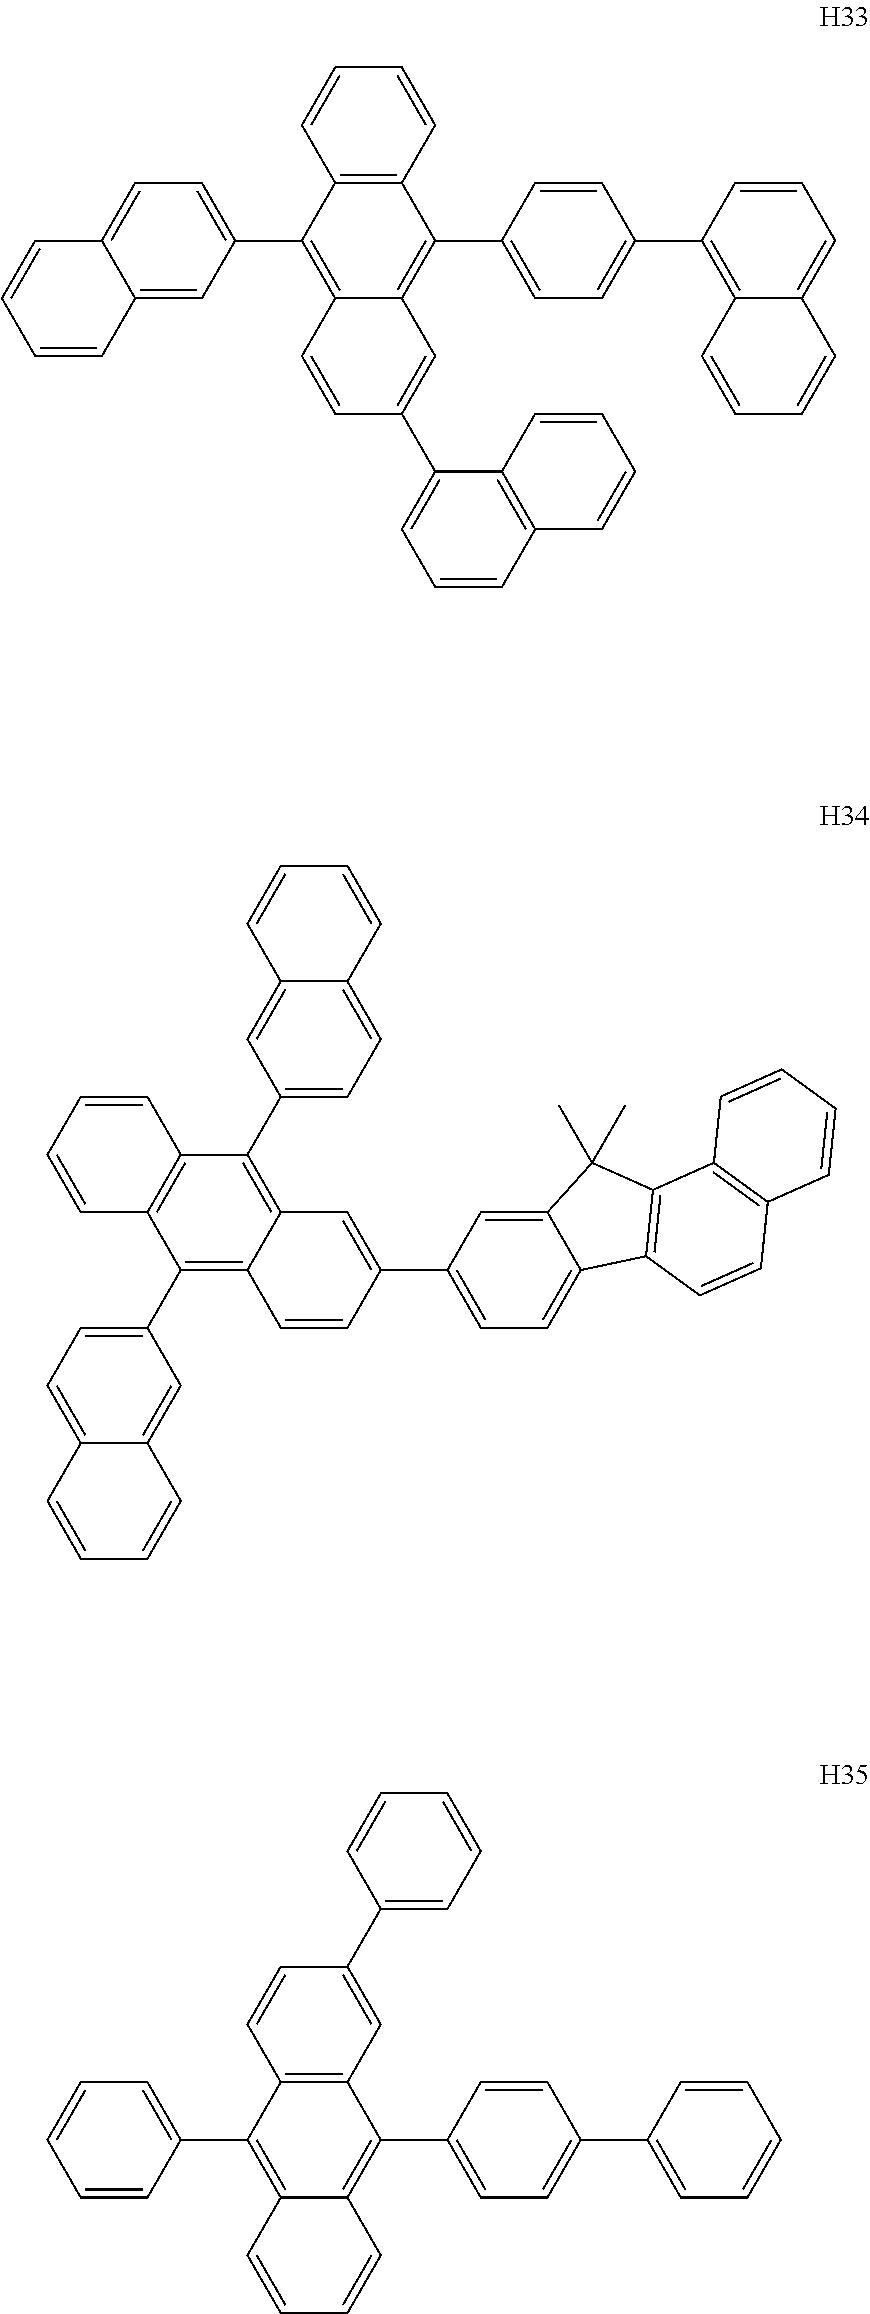 Figure US20160155962A1-20160602-C00238